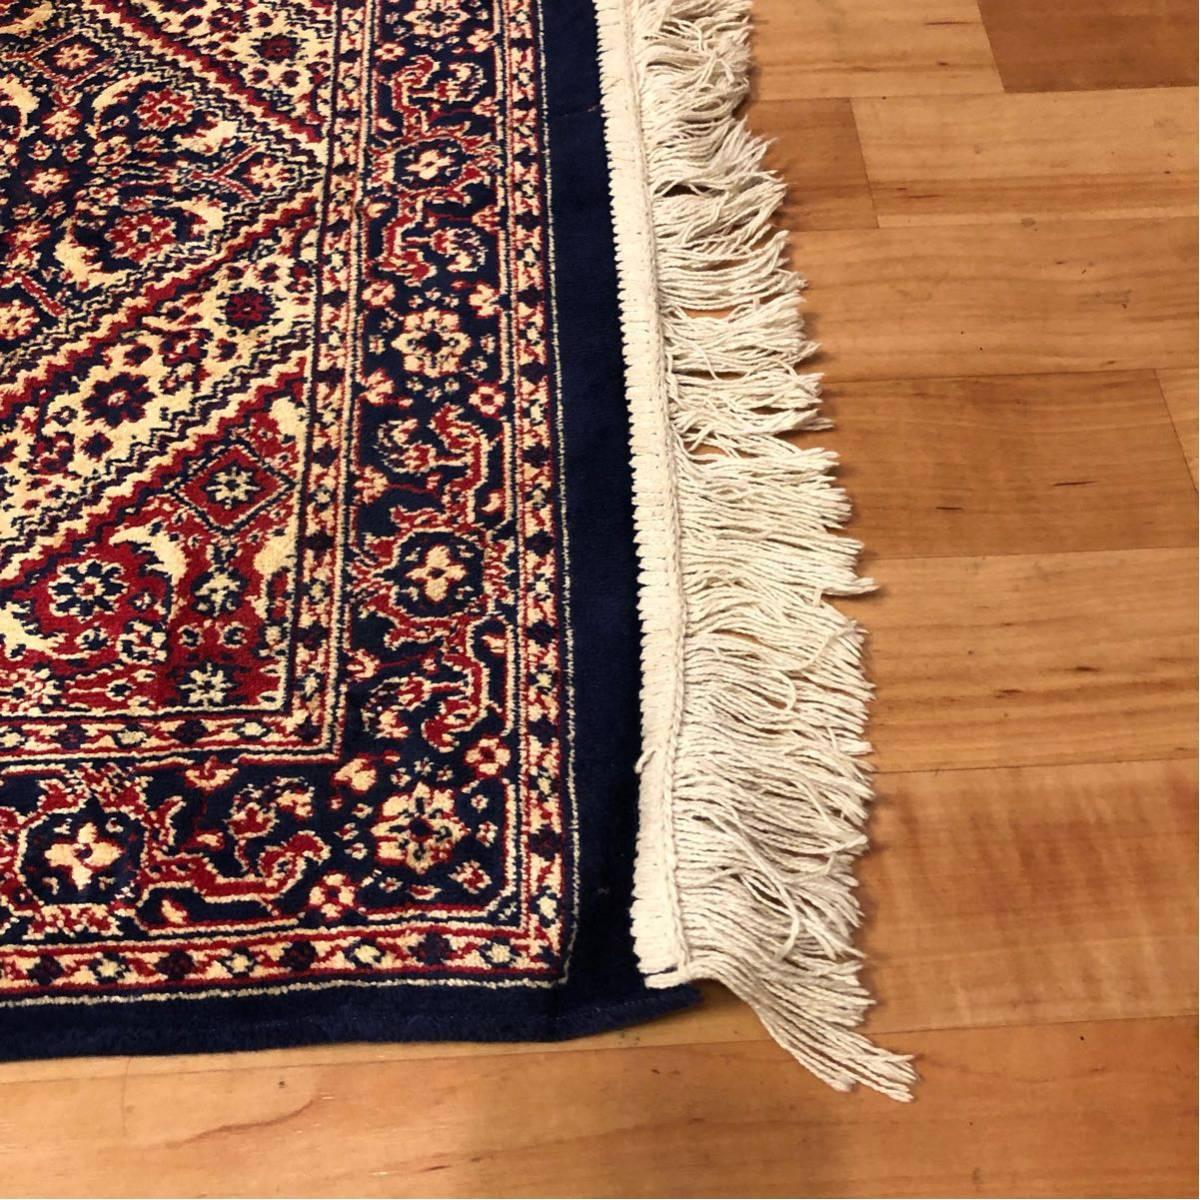 西洋 絨毯・カーペット/横120cm×縦68cm/欧州/ペルシャ絨毯?不明/マット/玄関/フローリング/リビング/テーブル/座卓/キッチン/床/ラグ_画像3